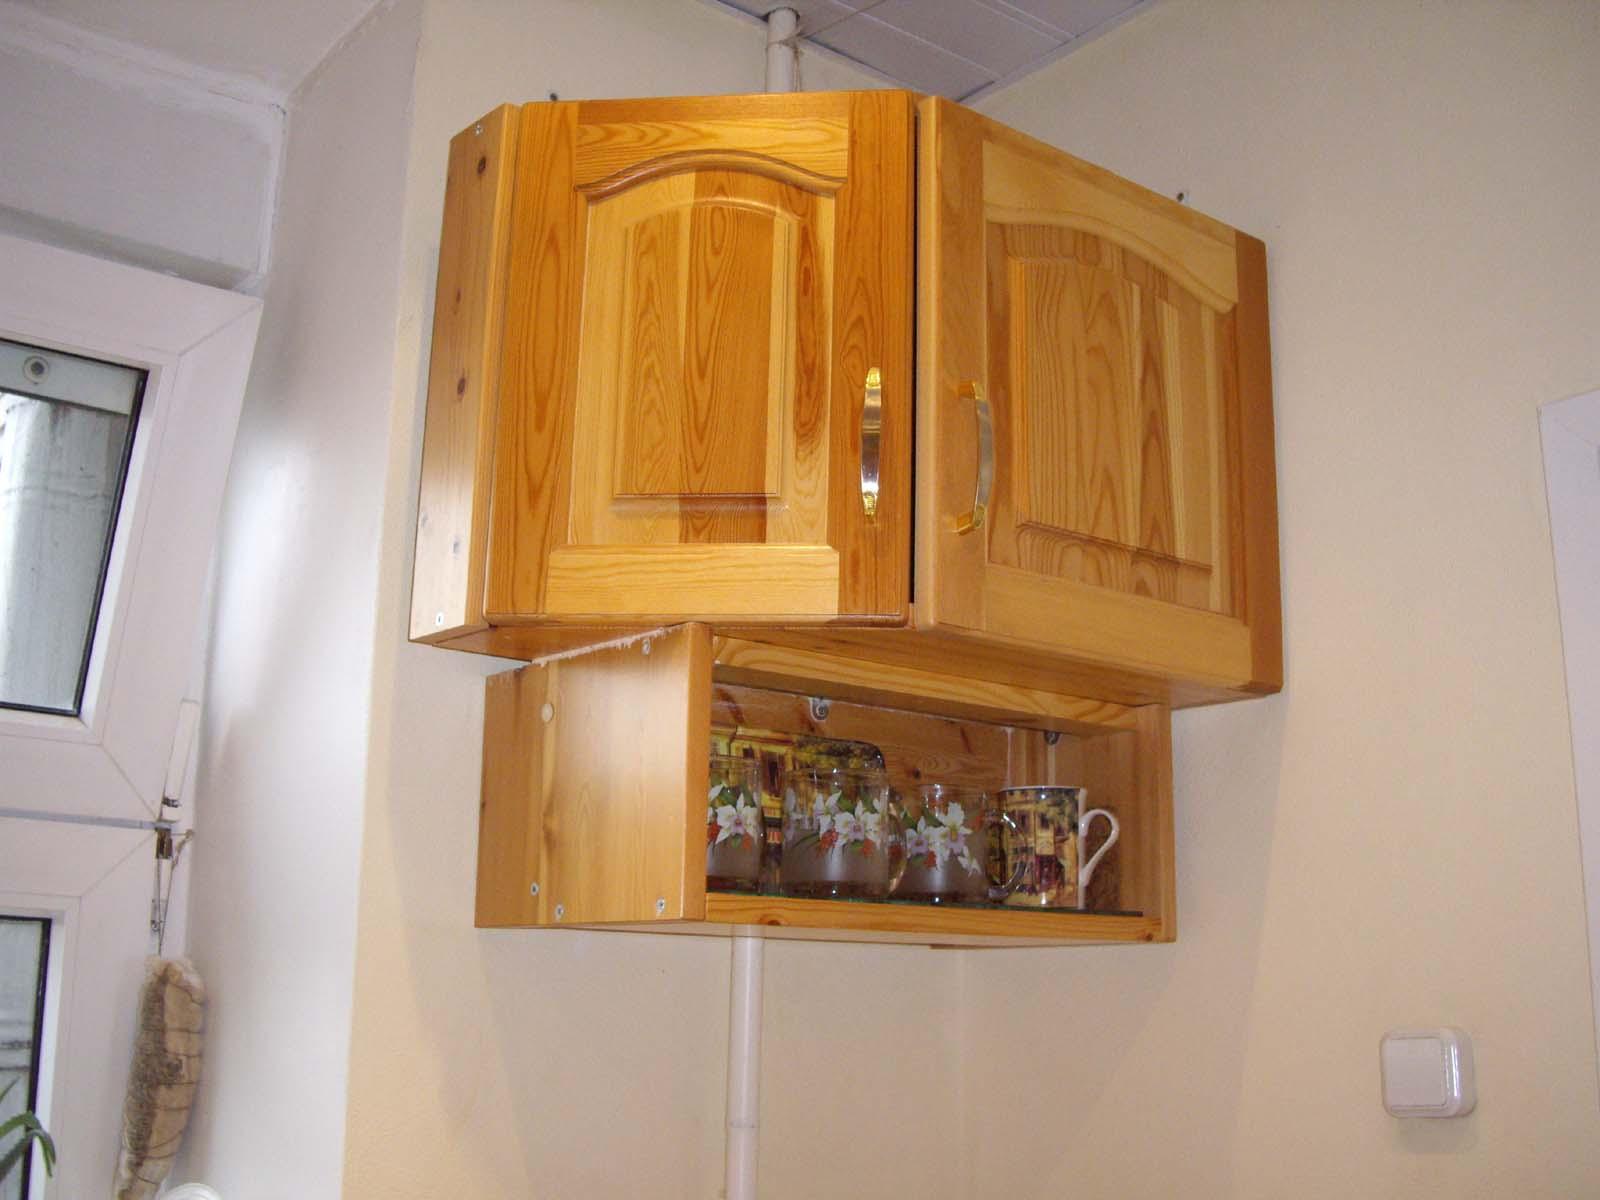 Кухонный шкаф своими руками (53 фото как сделать шкафчики на кухню) 17